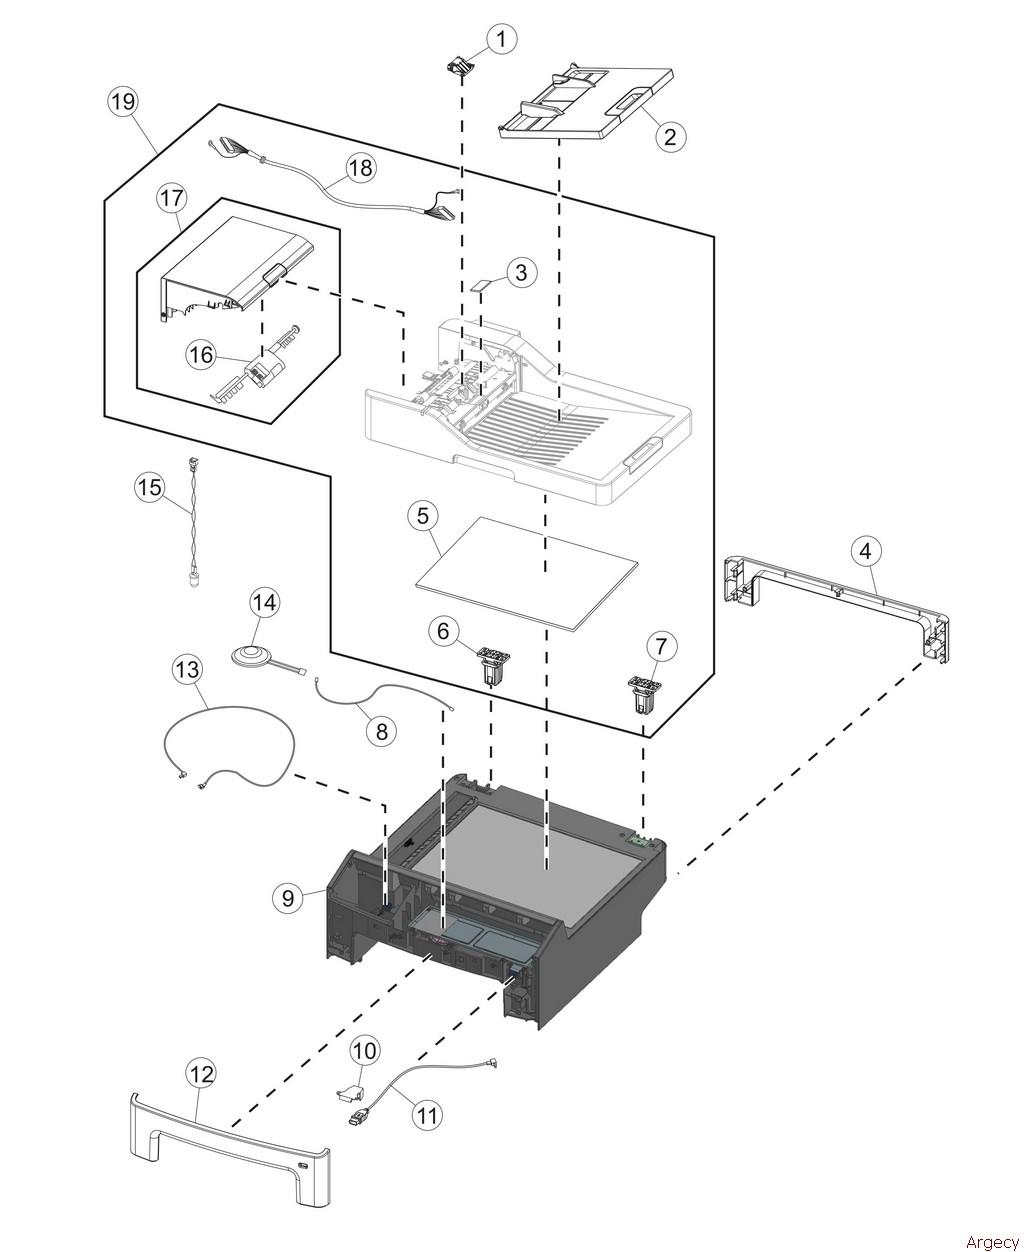 https://www.argecy.com/images/MX310_MX410_MX510-Parts-357_cr.jpg